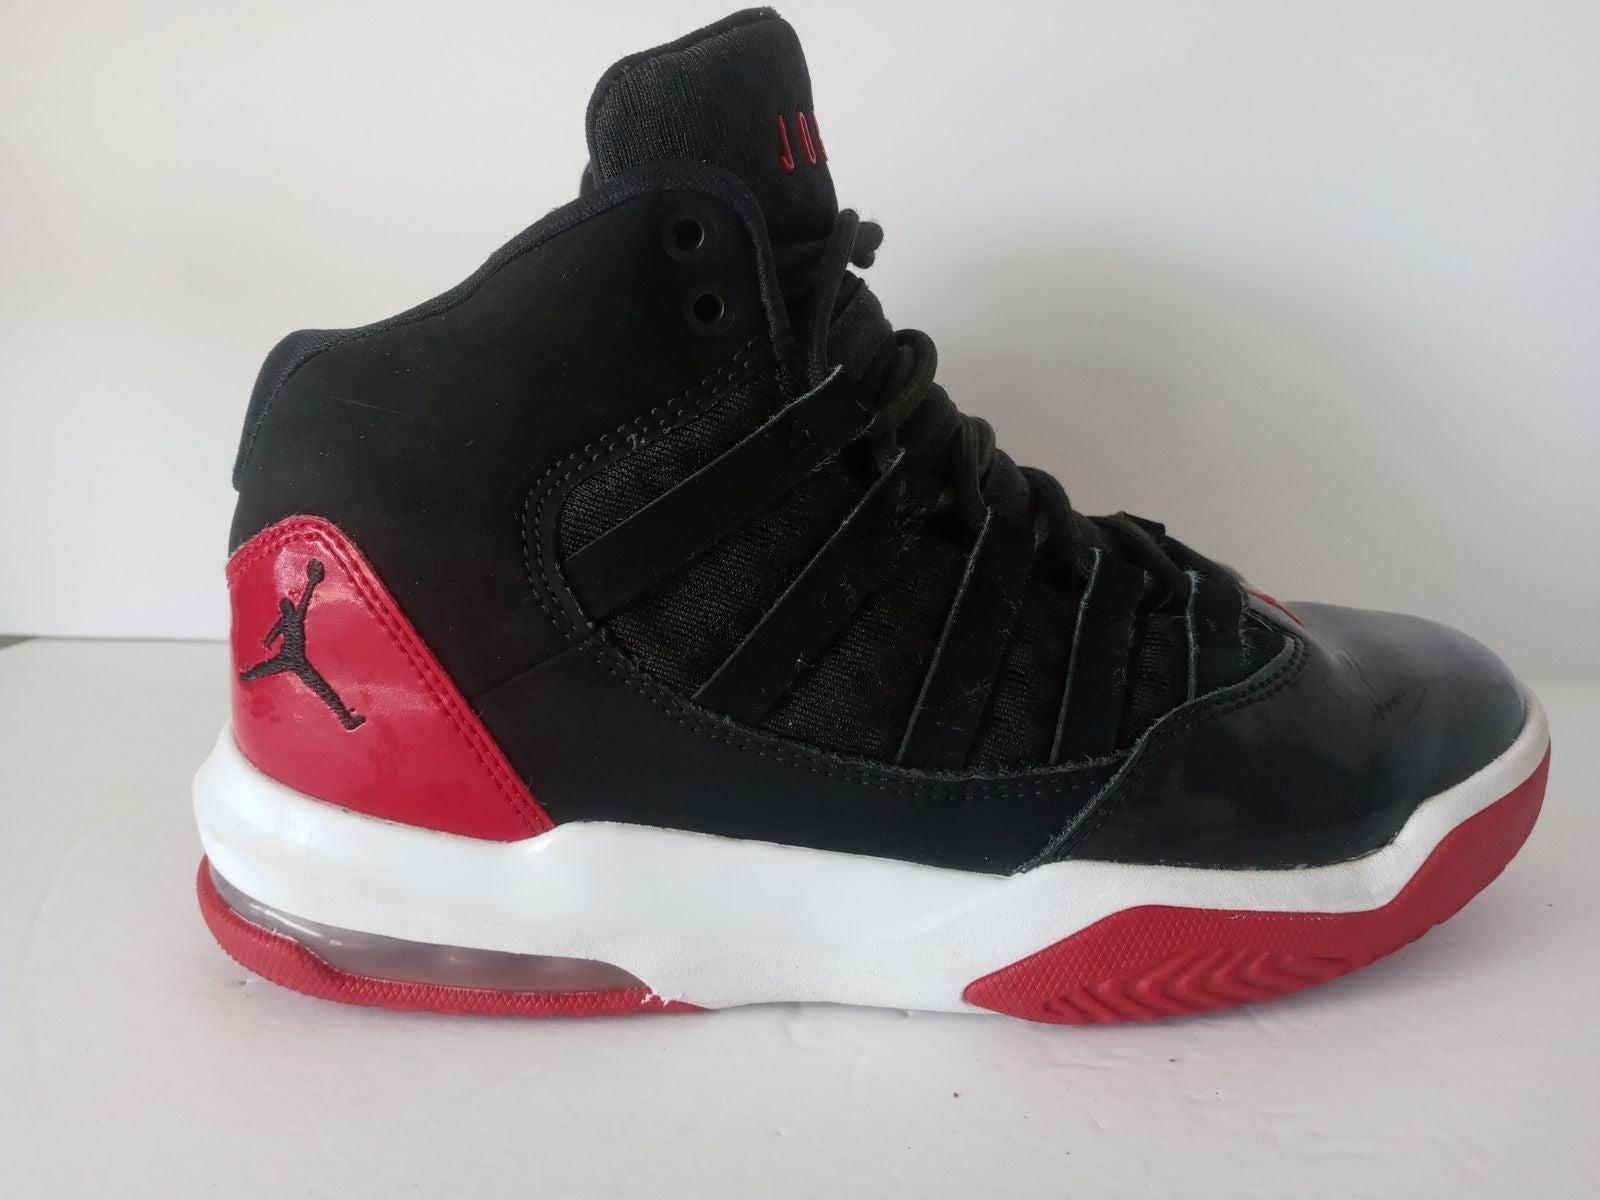 Nike Air Jordan 11 RETRO Youth's SZ 4.5